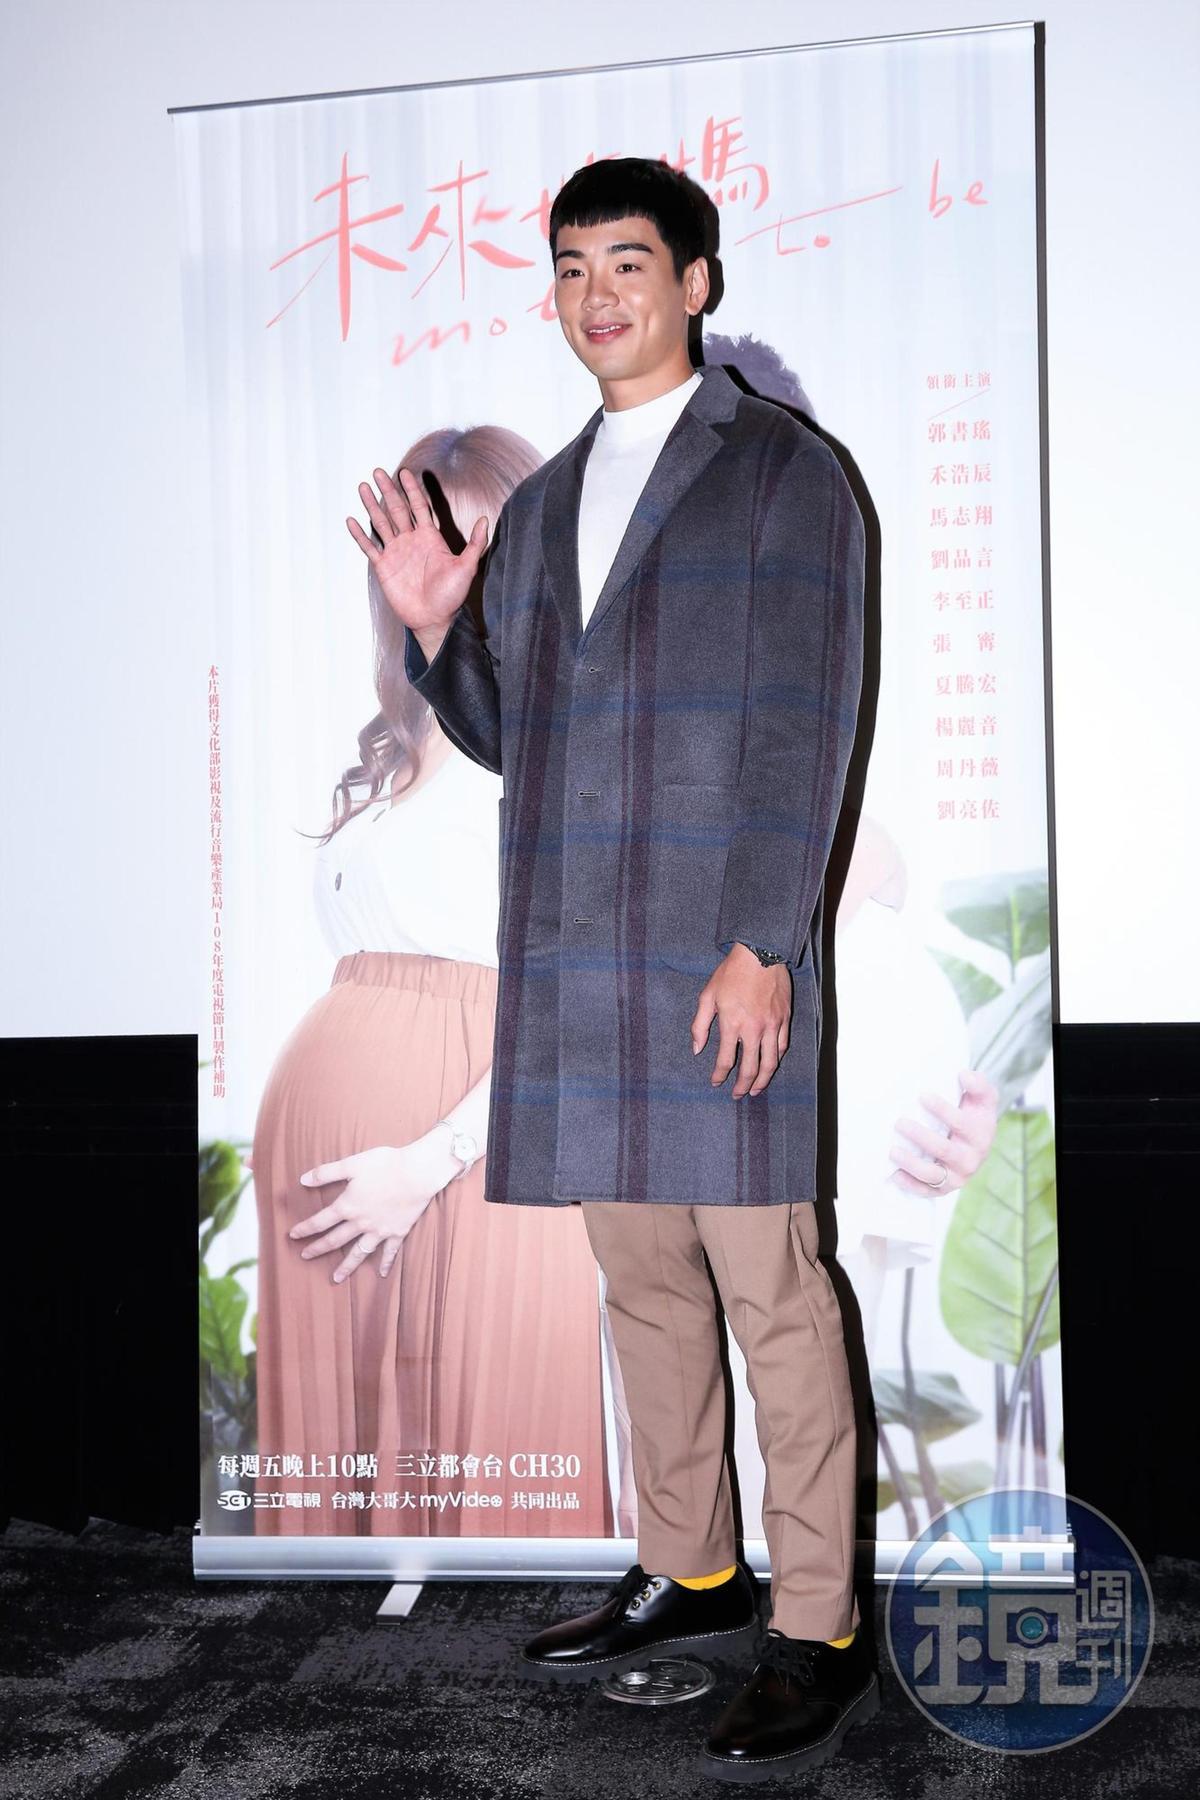 禾浩辰透露求學時期,曾在宿舍「聽見」室友與女友在做「開心的事」。